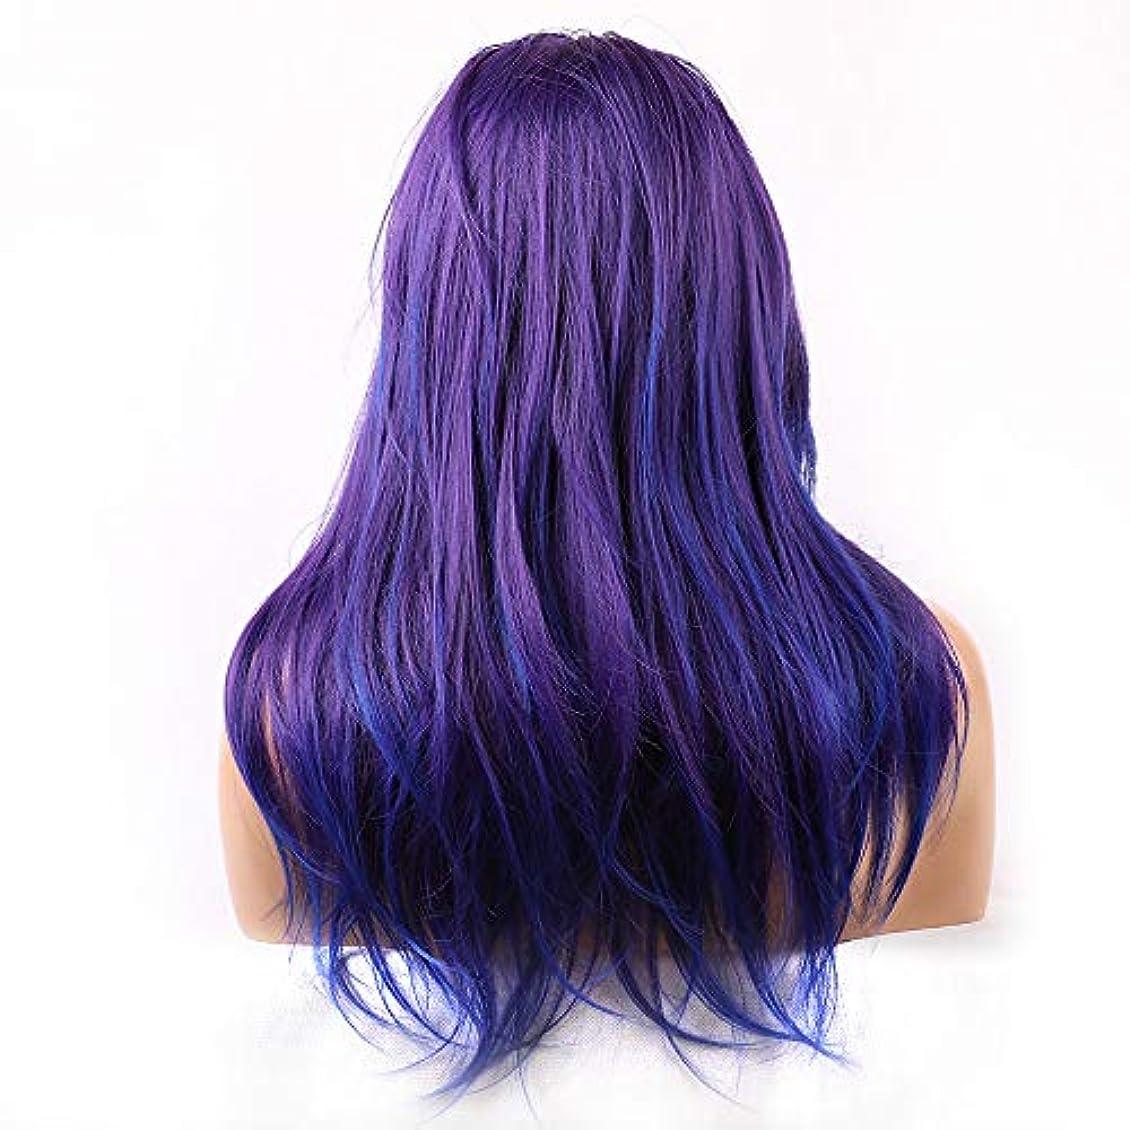 友情評価かみそりレースCOSの小道具の前に女性の青い長い巻き毛のかつらをかつら